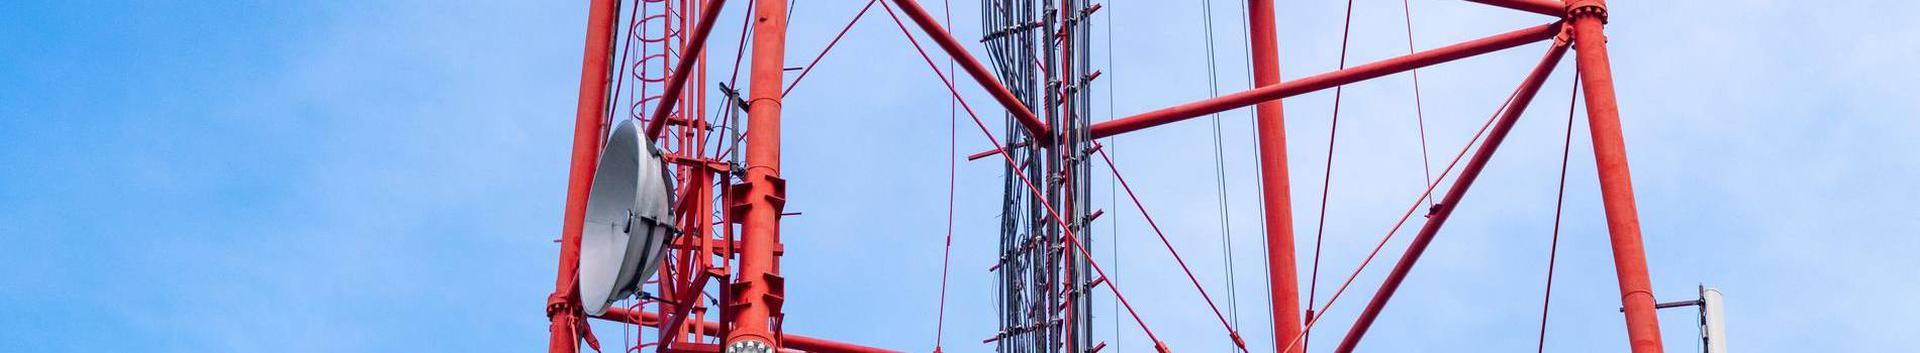 42221_elektri-ja-sidevorkude-ehitus_68115188_xl.jpg